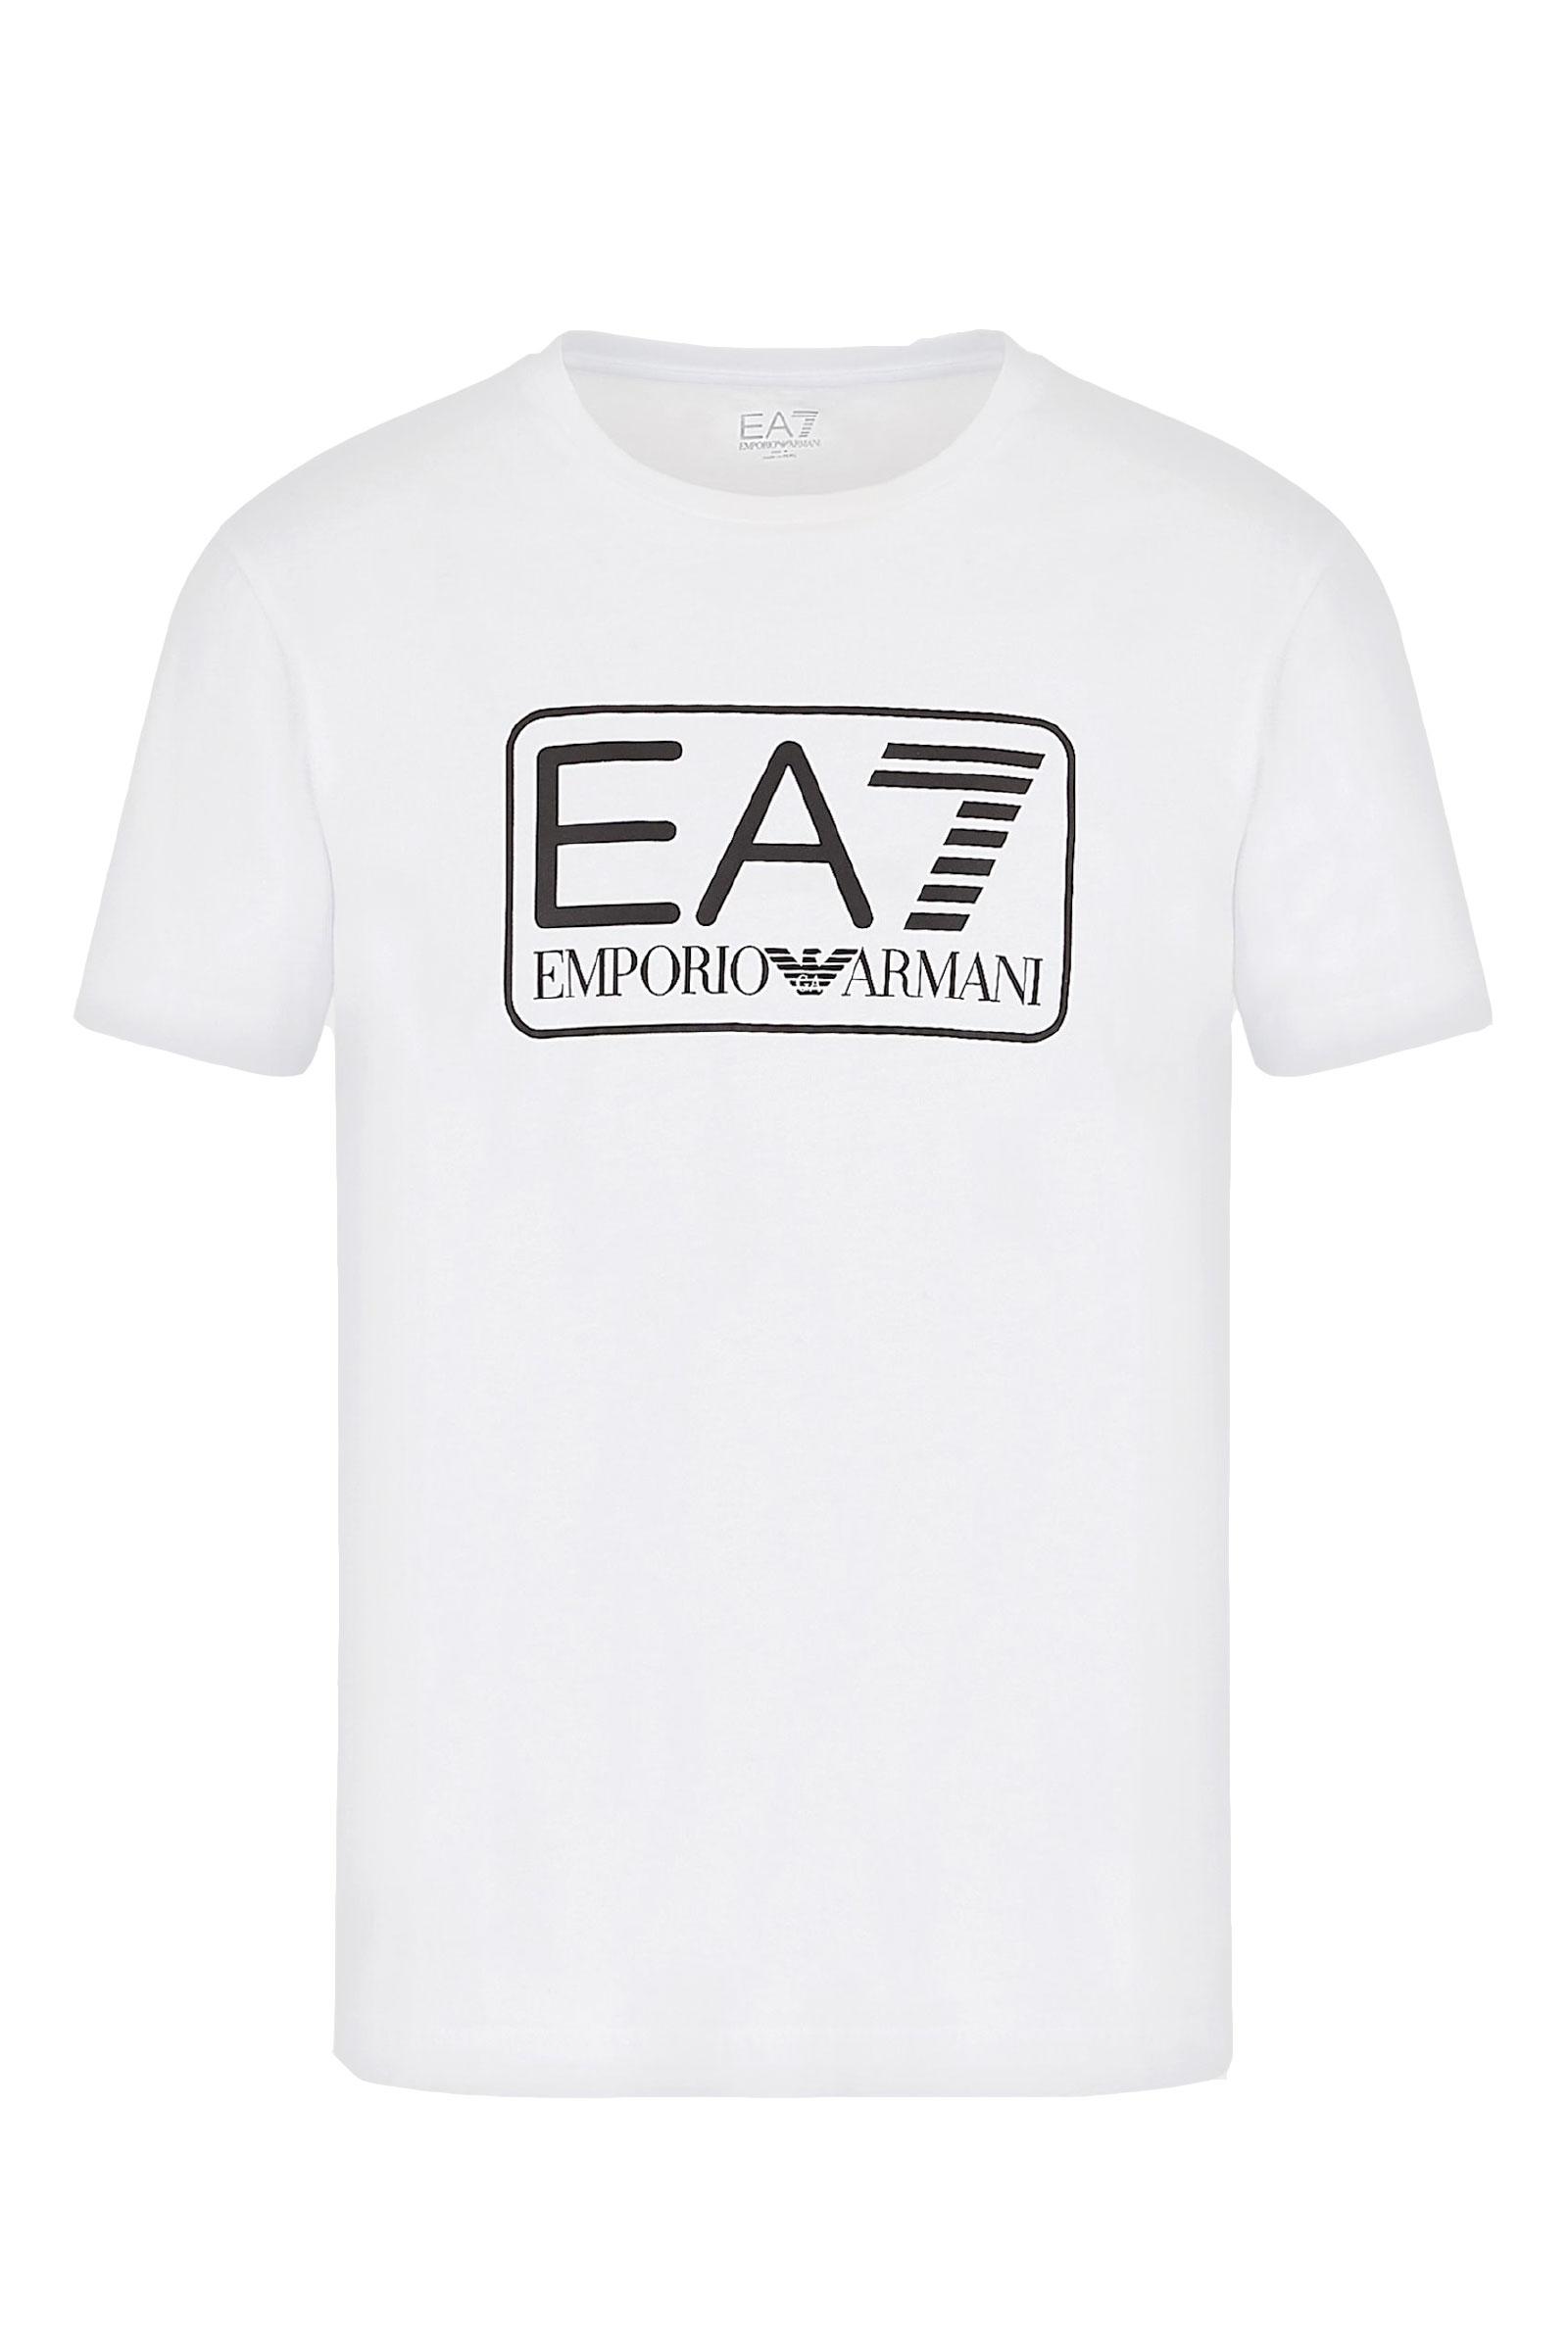 ARMANI EA7 Men's T-Shirt ARMANI EA7 | T-Shirt | 8NPT10 PJNQZ1100